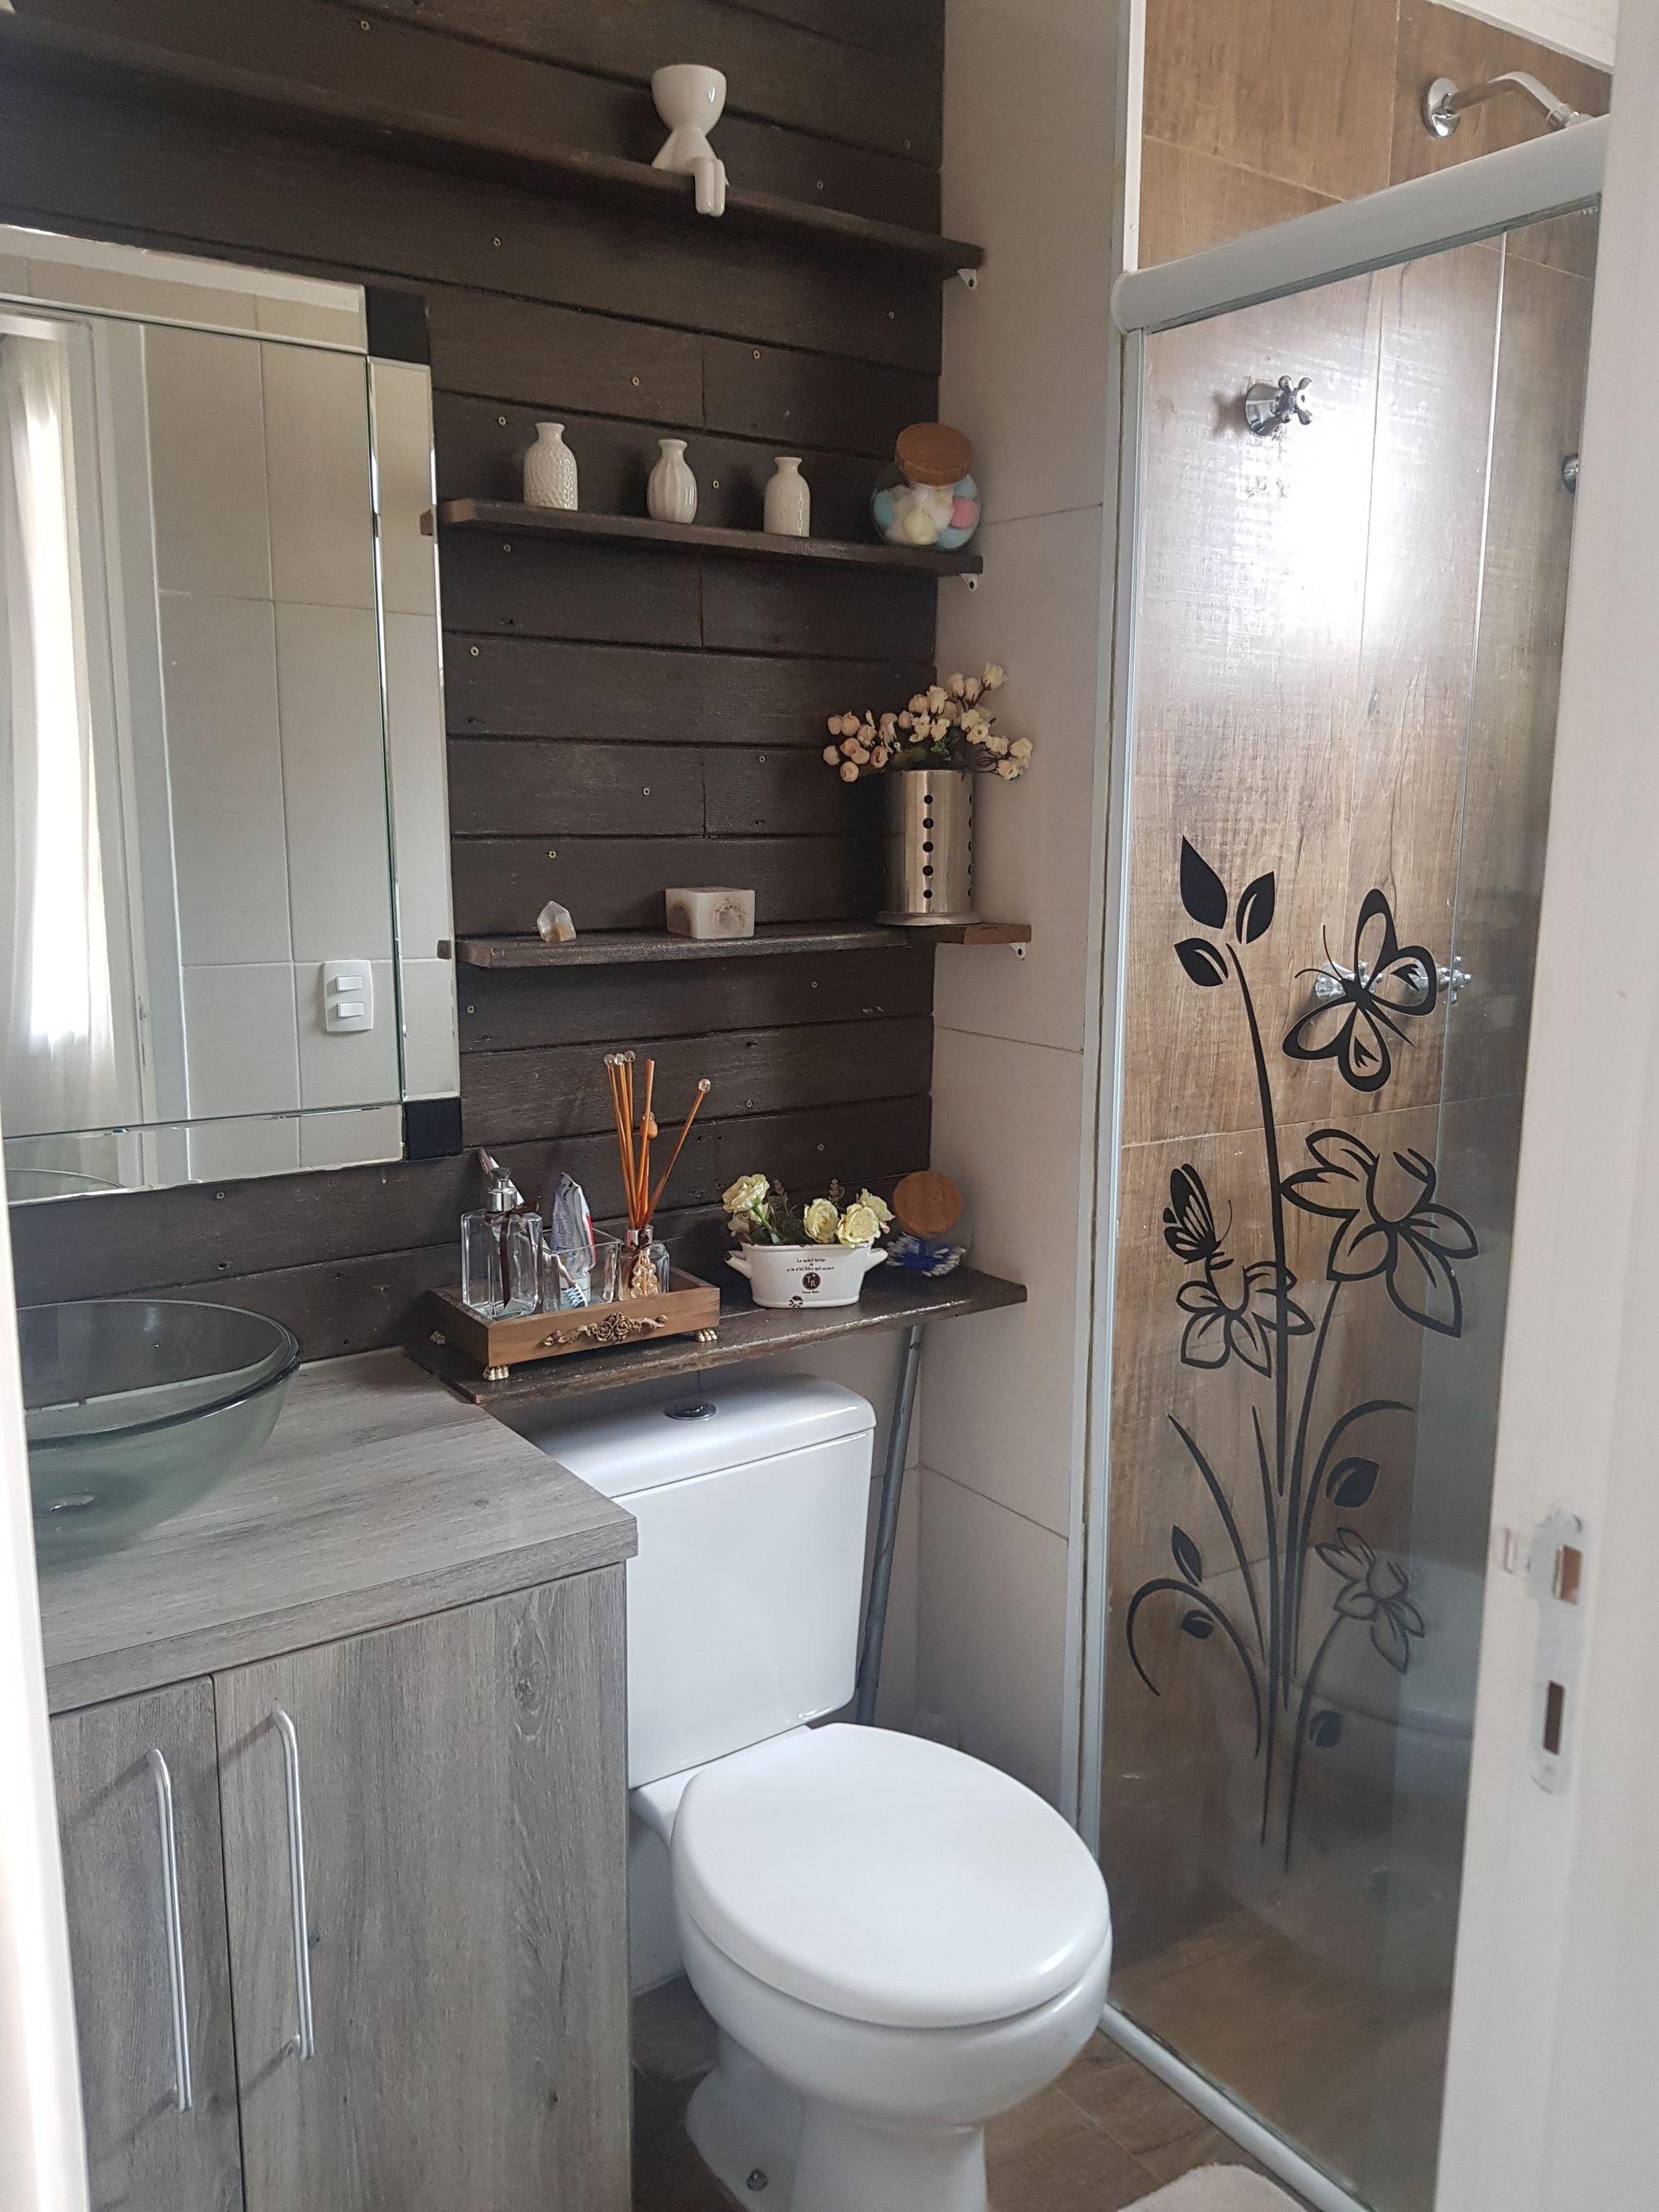 Foto de Banheiro com vaso de planta, escova de dente, vaso sanitário, vaso, tigela, pia